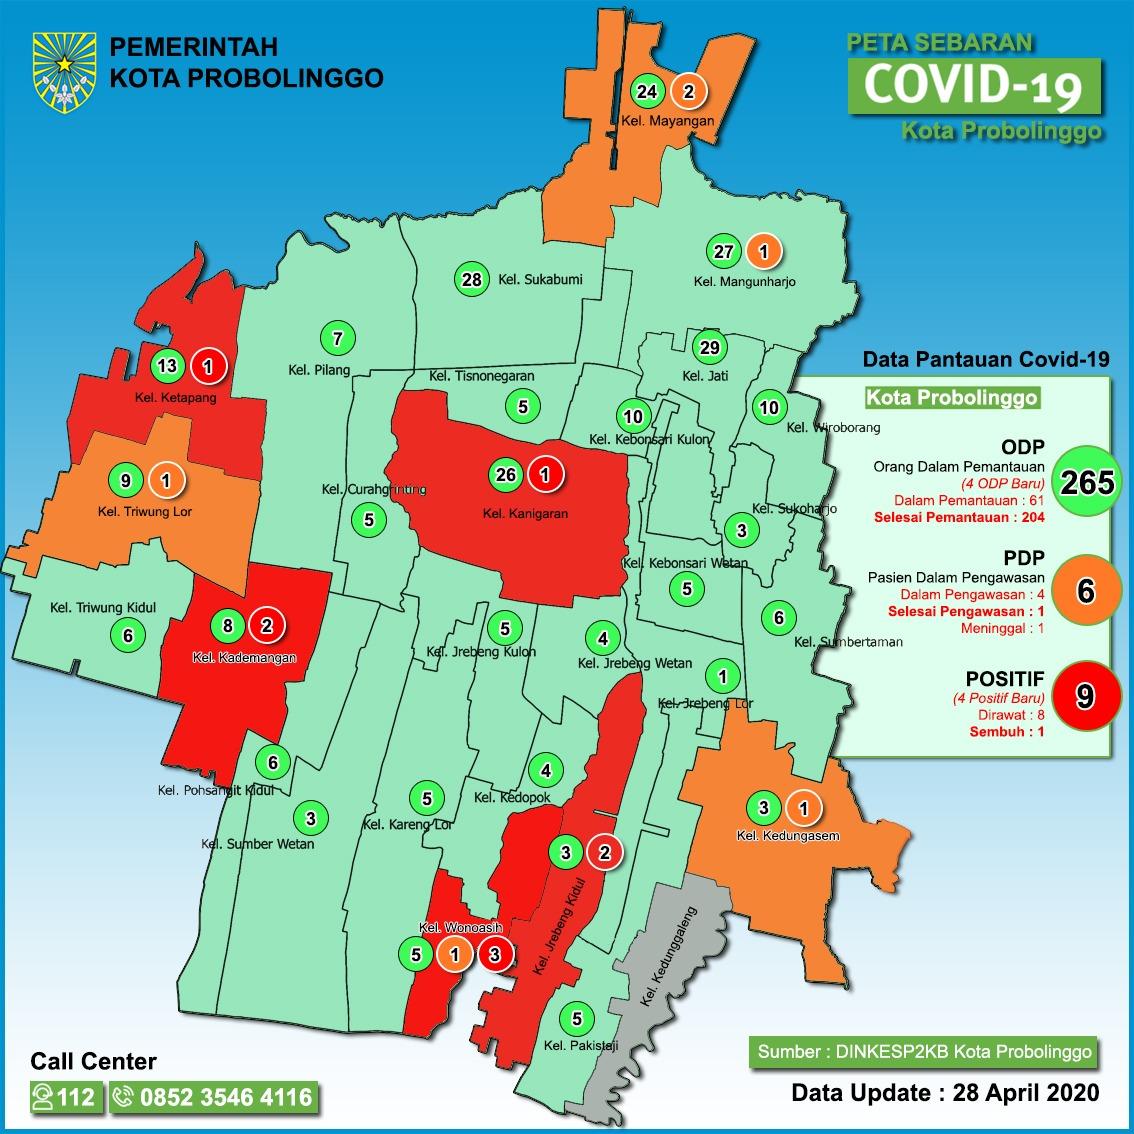 Terbaru 9 Orang Positif Covid-19 di Kota Probolinggo, 3 Kluster Makassar dan 1 Kluster Surabaya